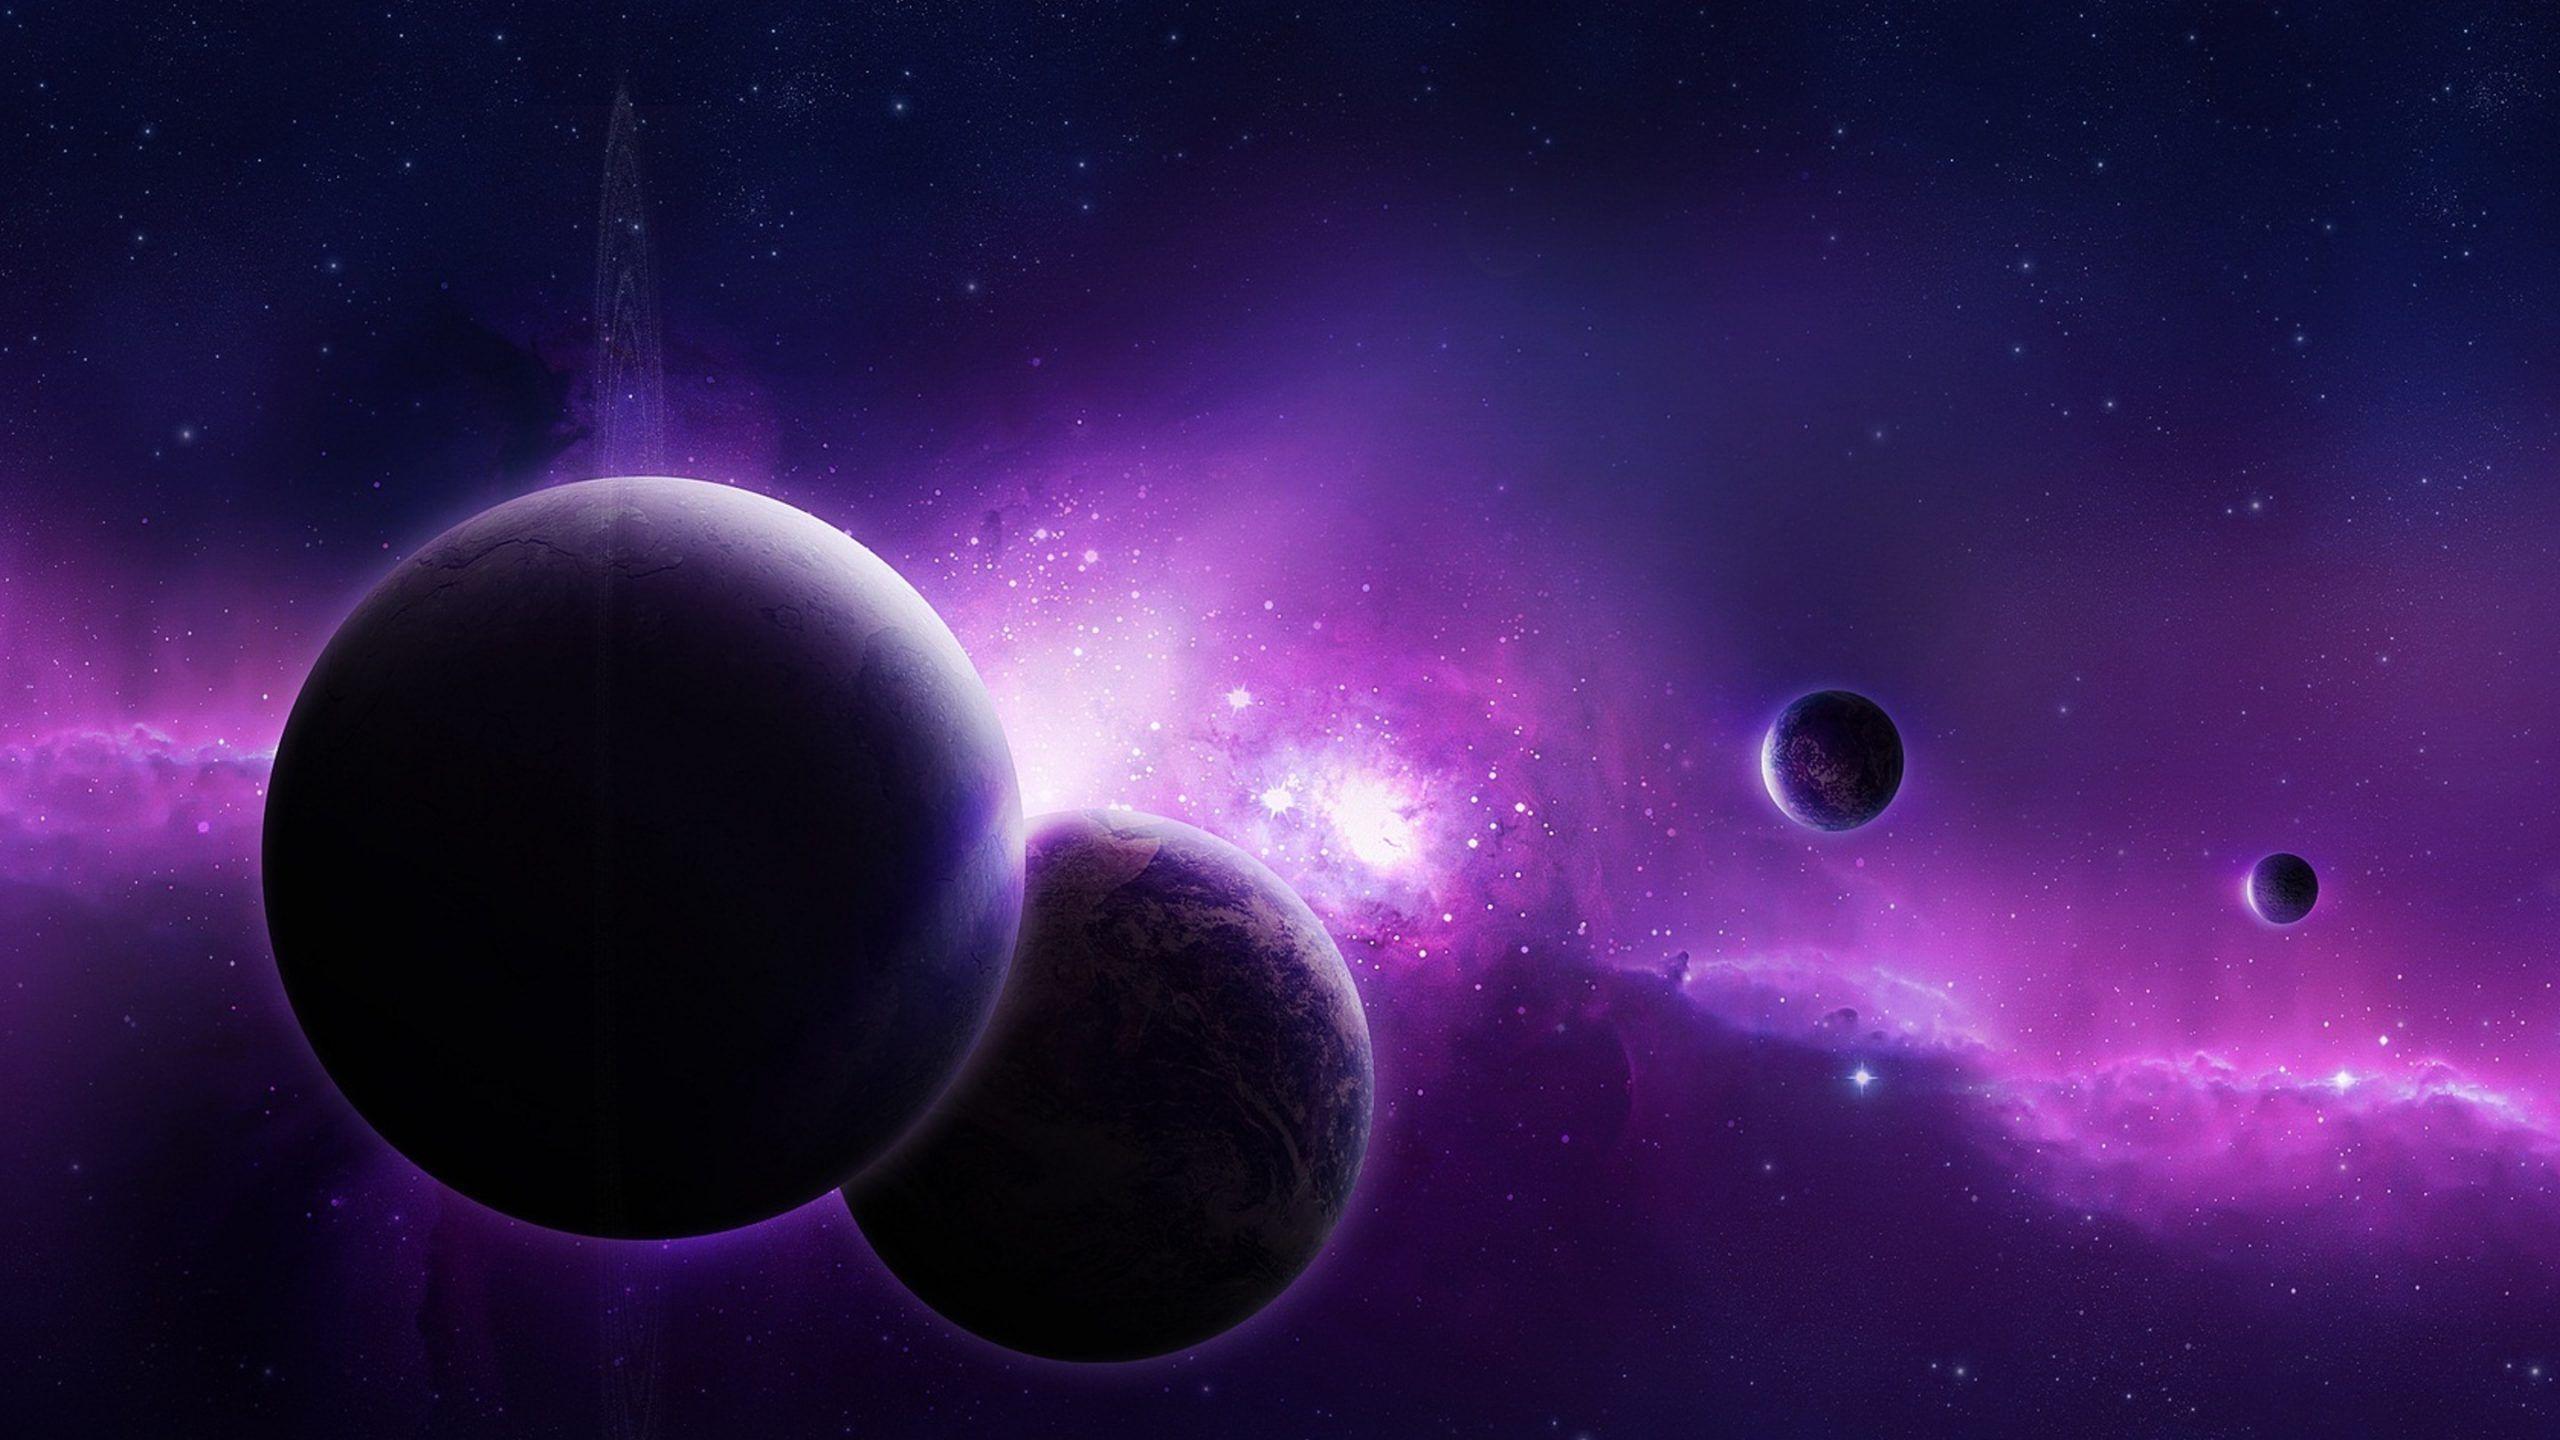 4k Purple Wallpapers Top Free 4k Purple Backgrounds Wallpaperaccess